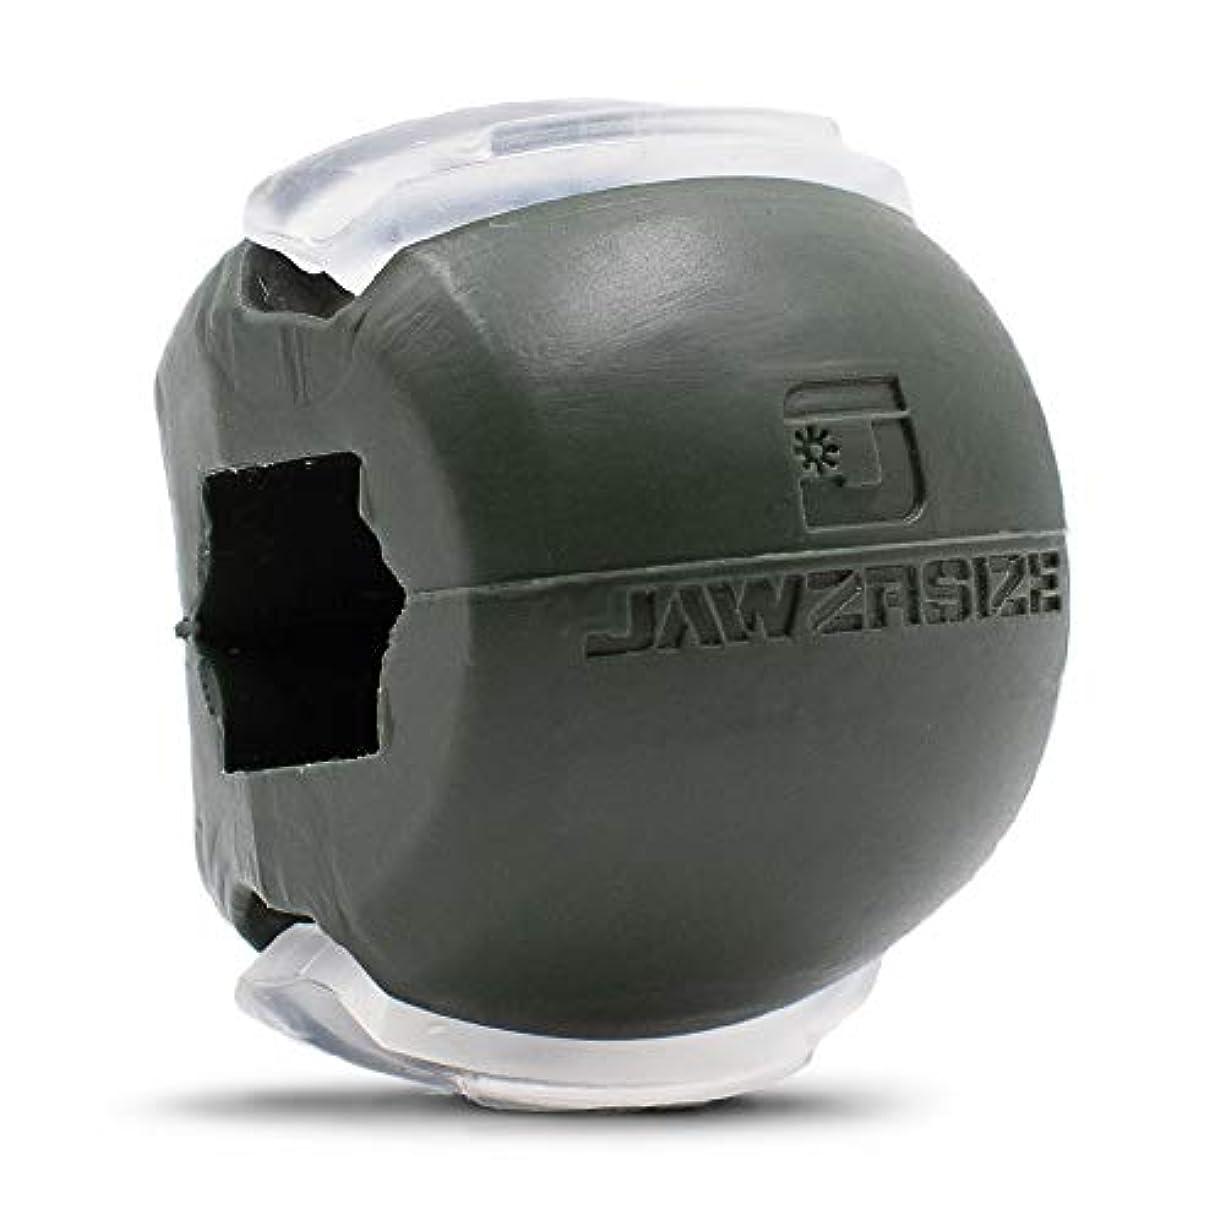 世界記録のギネスブックインシデントパッケージJawzrsize フェイストナー、ジョーエクササイザ、ネックトーニング装置 (50 Lb. 抵抗) レベル3 - ミリタリーグリーン